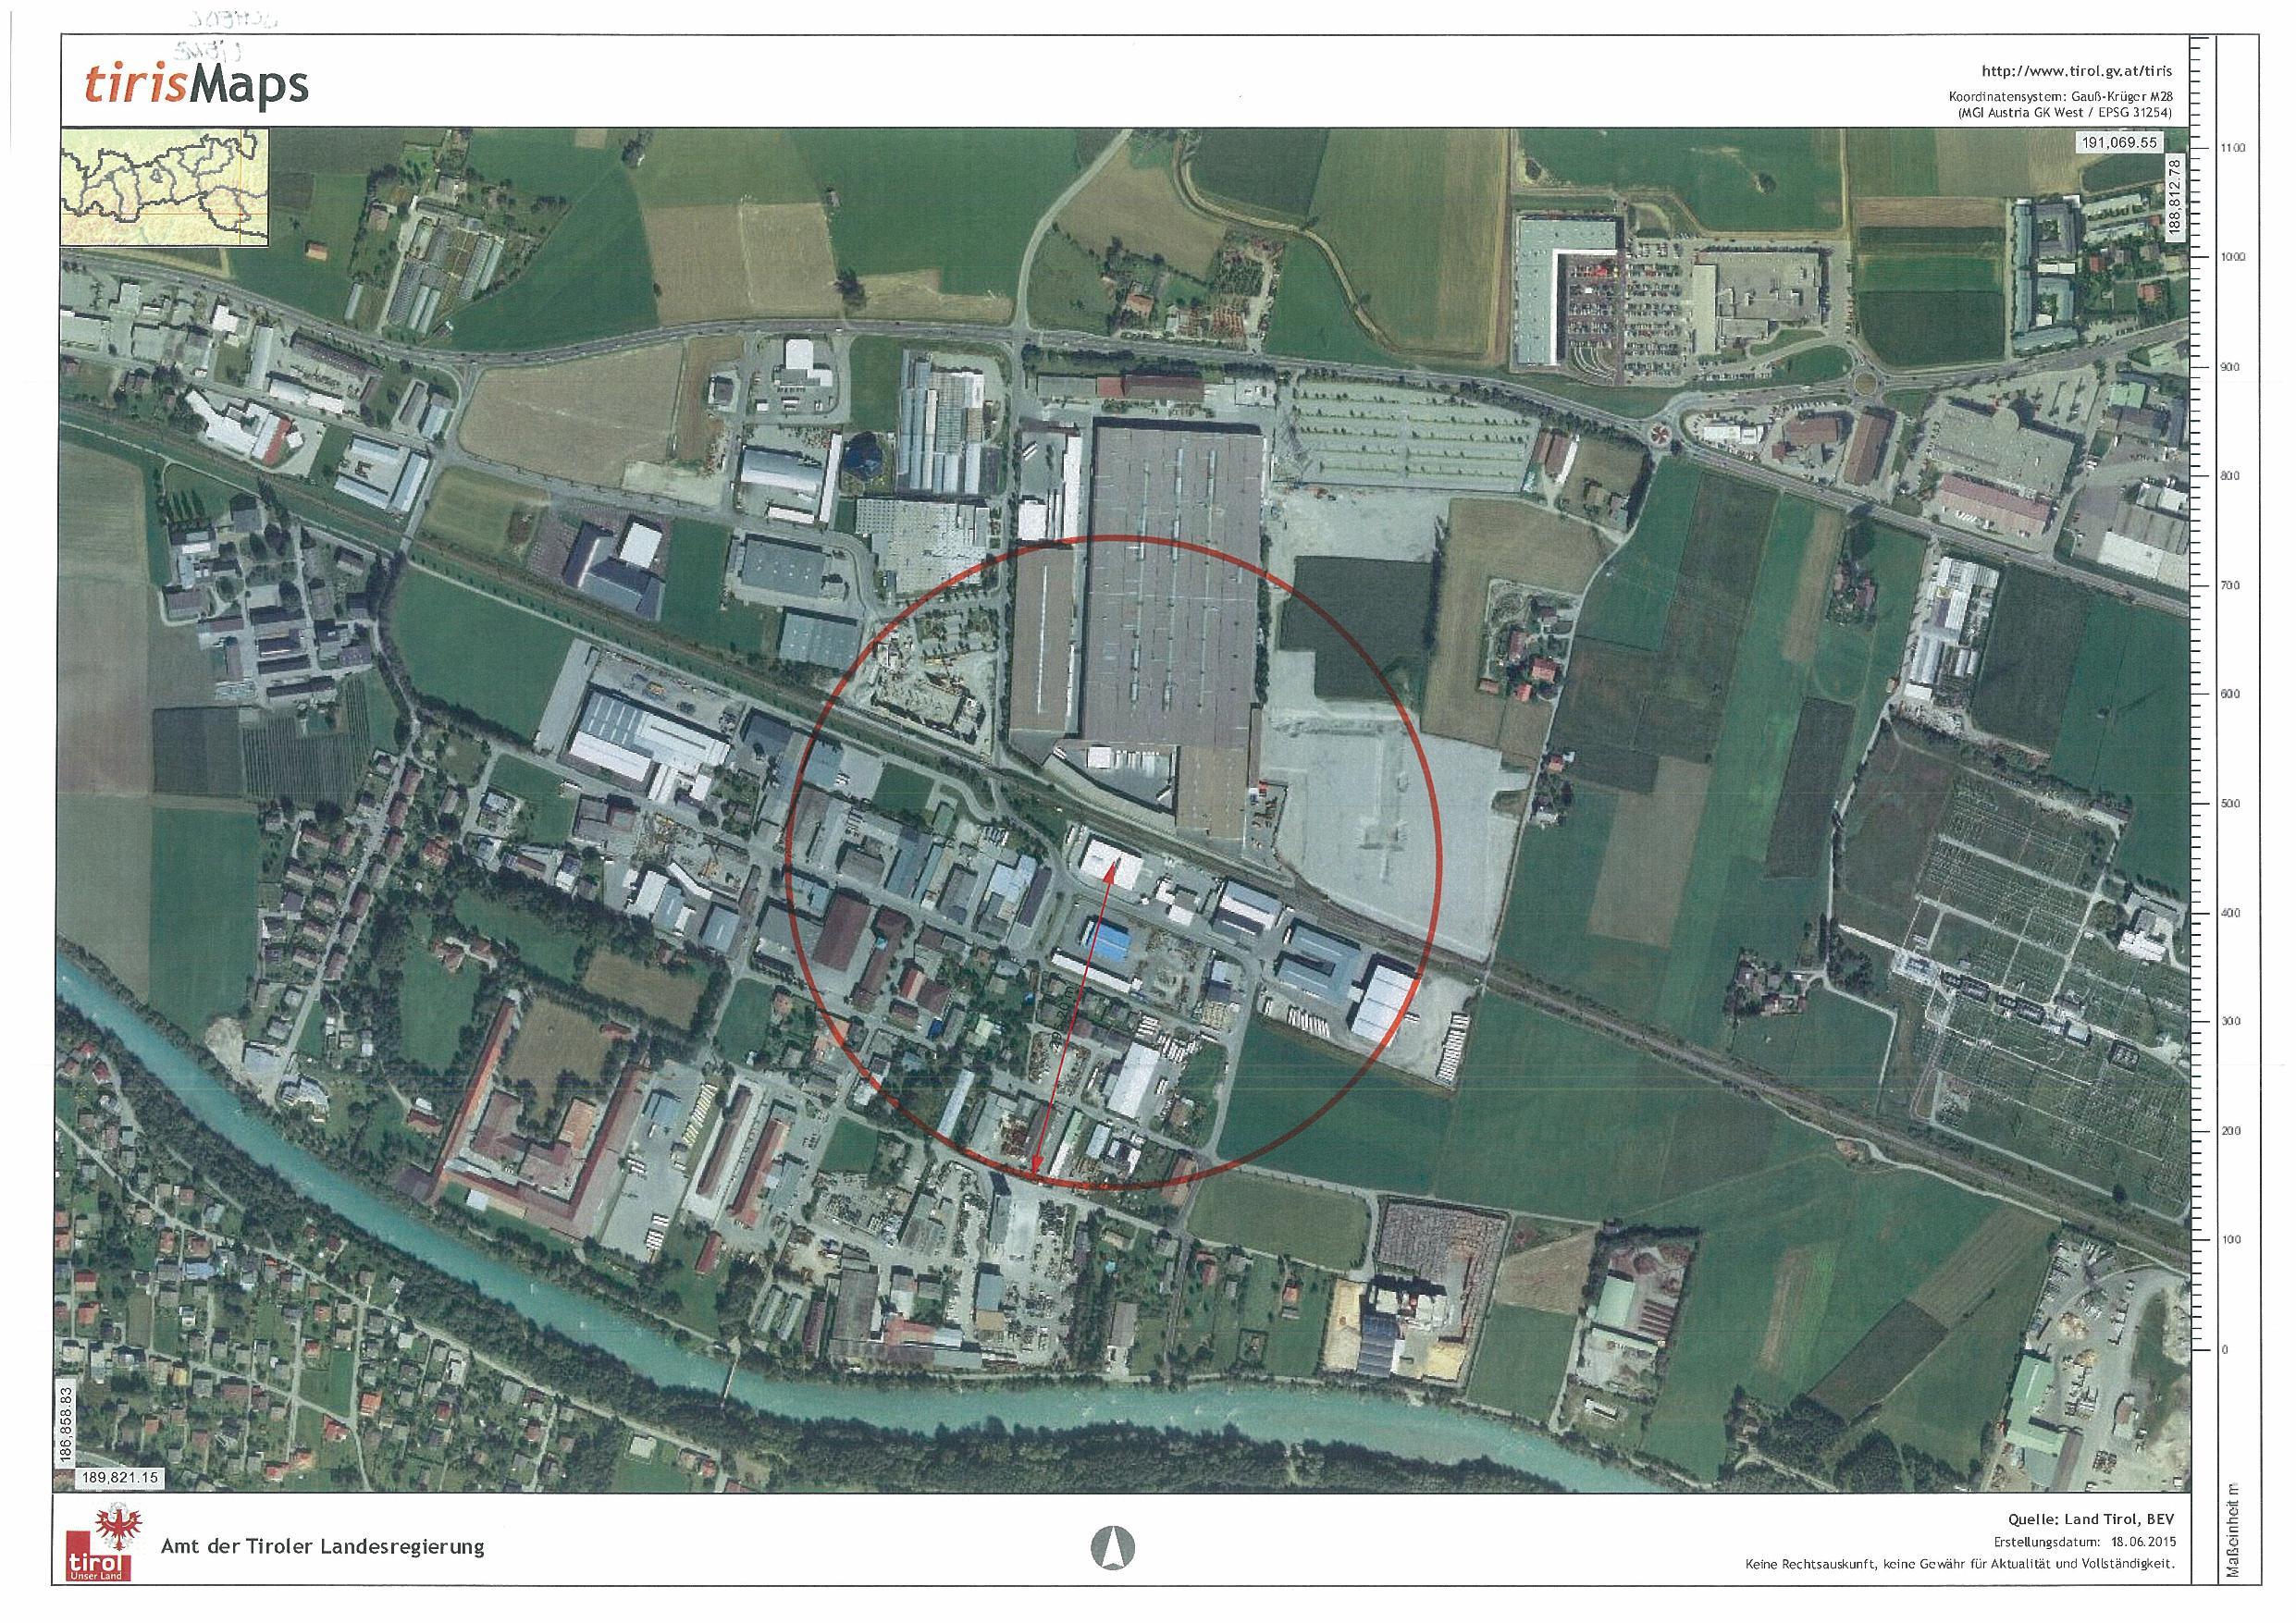 Gfährdungszone des Seveso-Betriebs Schedl Energie in Lienz